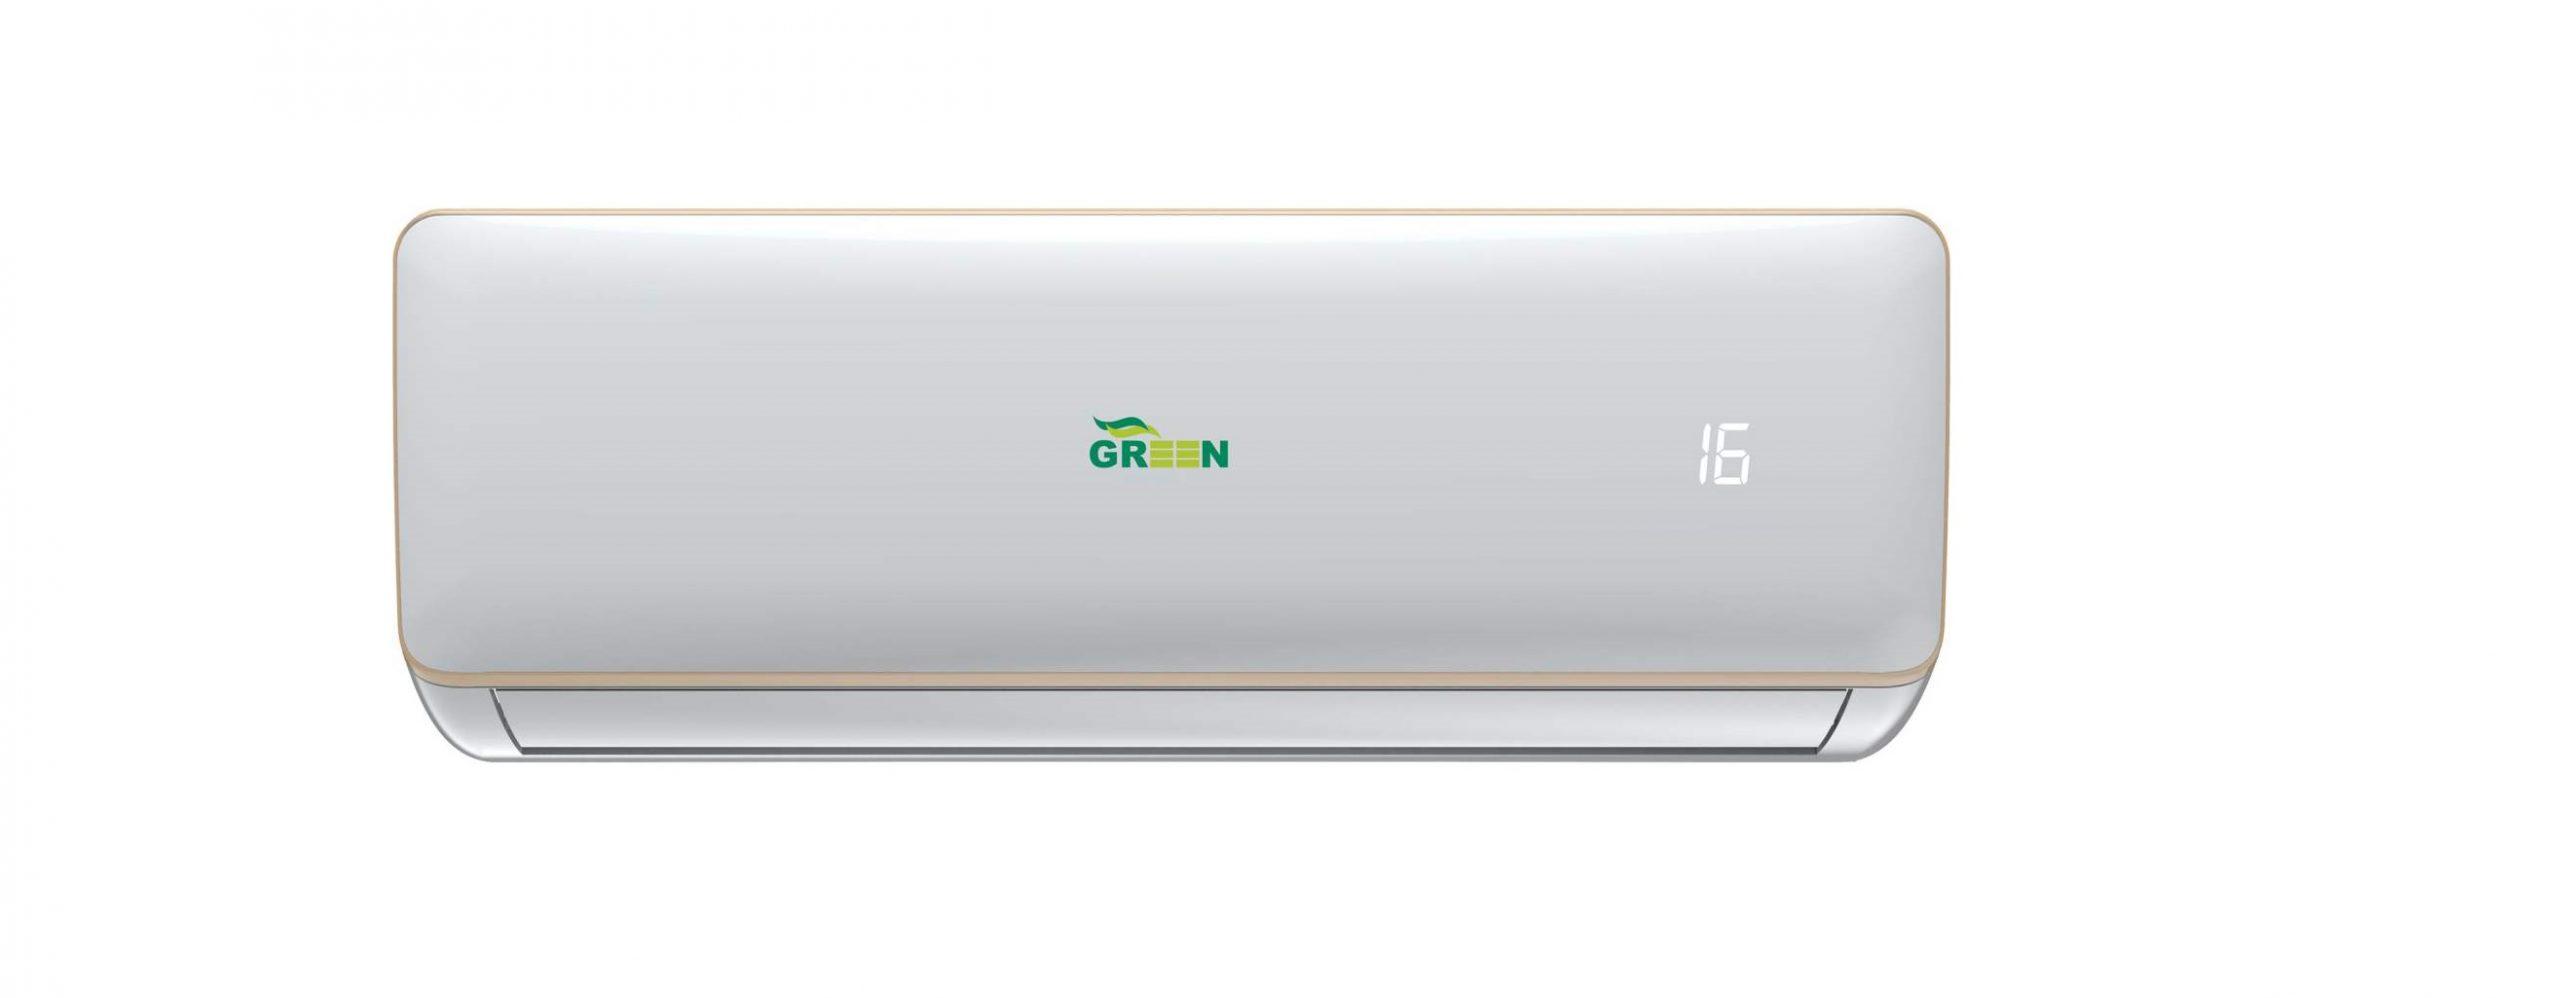 خرید کولرگازی 10000 گرین مدل GWS-H09P1T1/R1